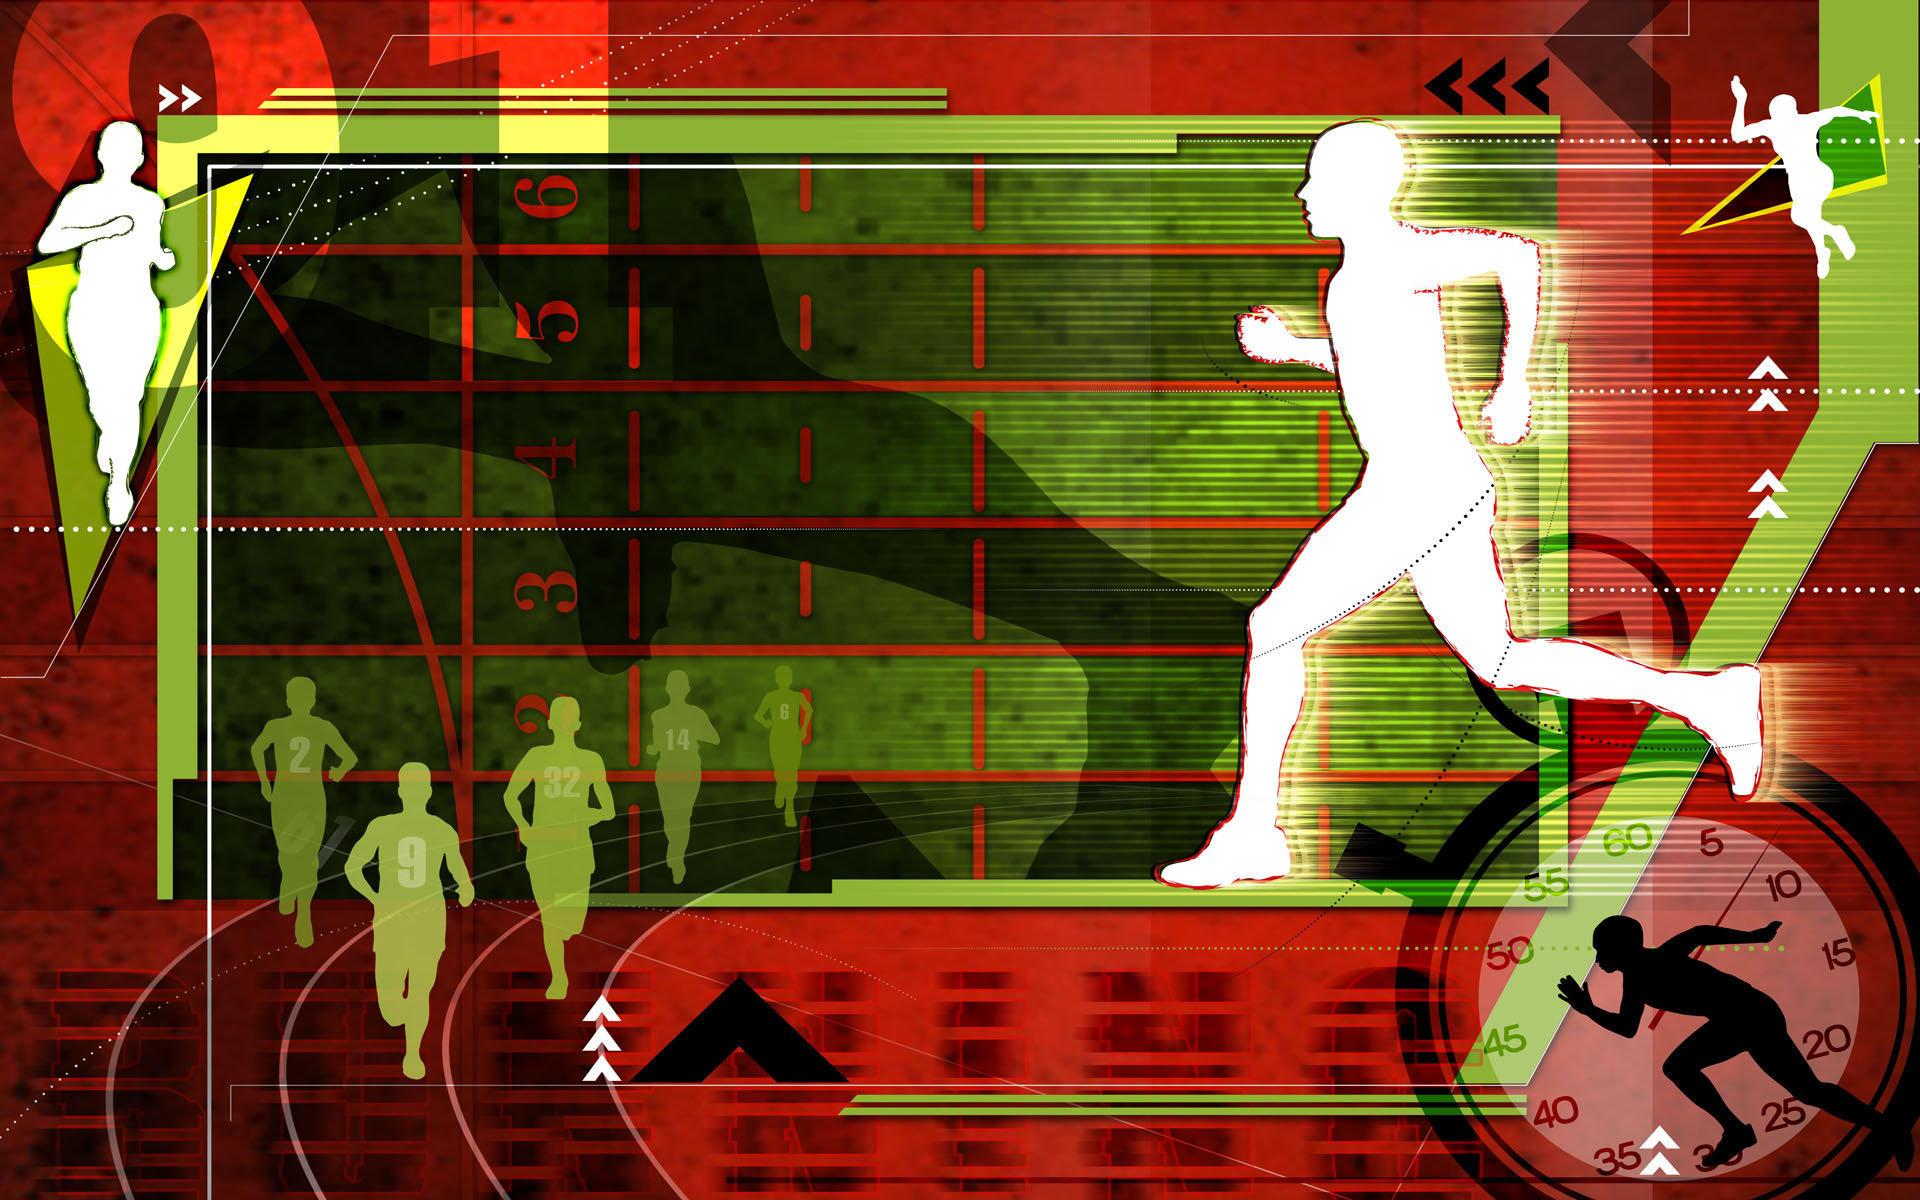 奥运体育项目抽象主题高清壁纸